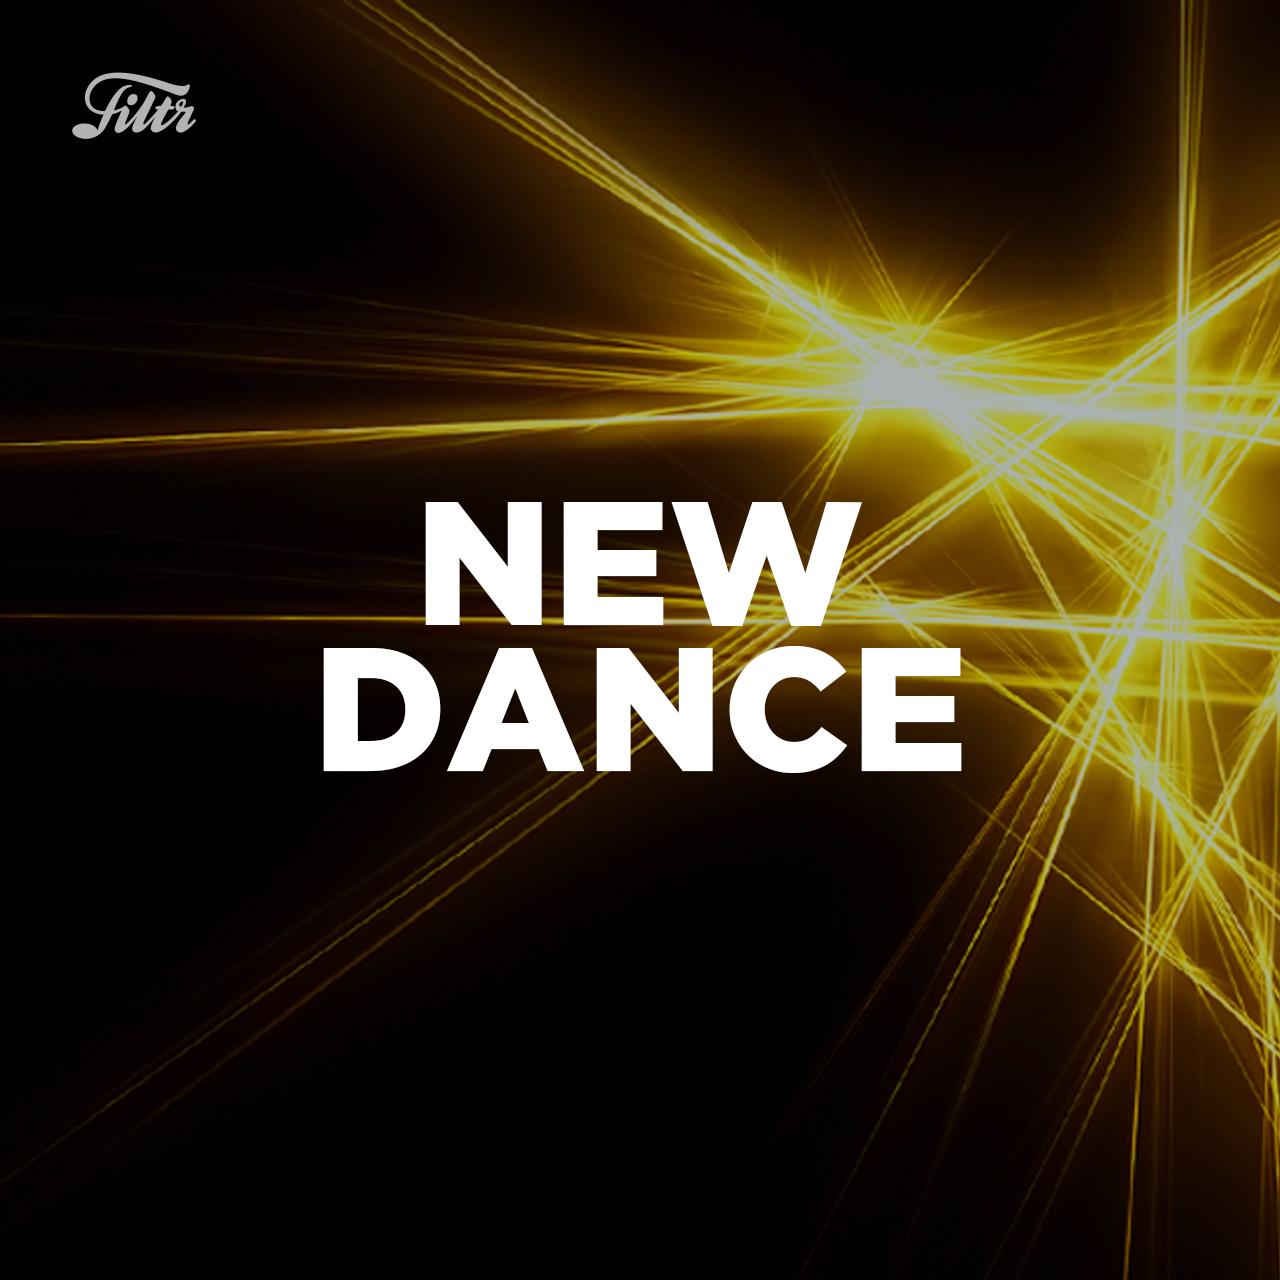 New-Dance.jpg